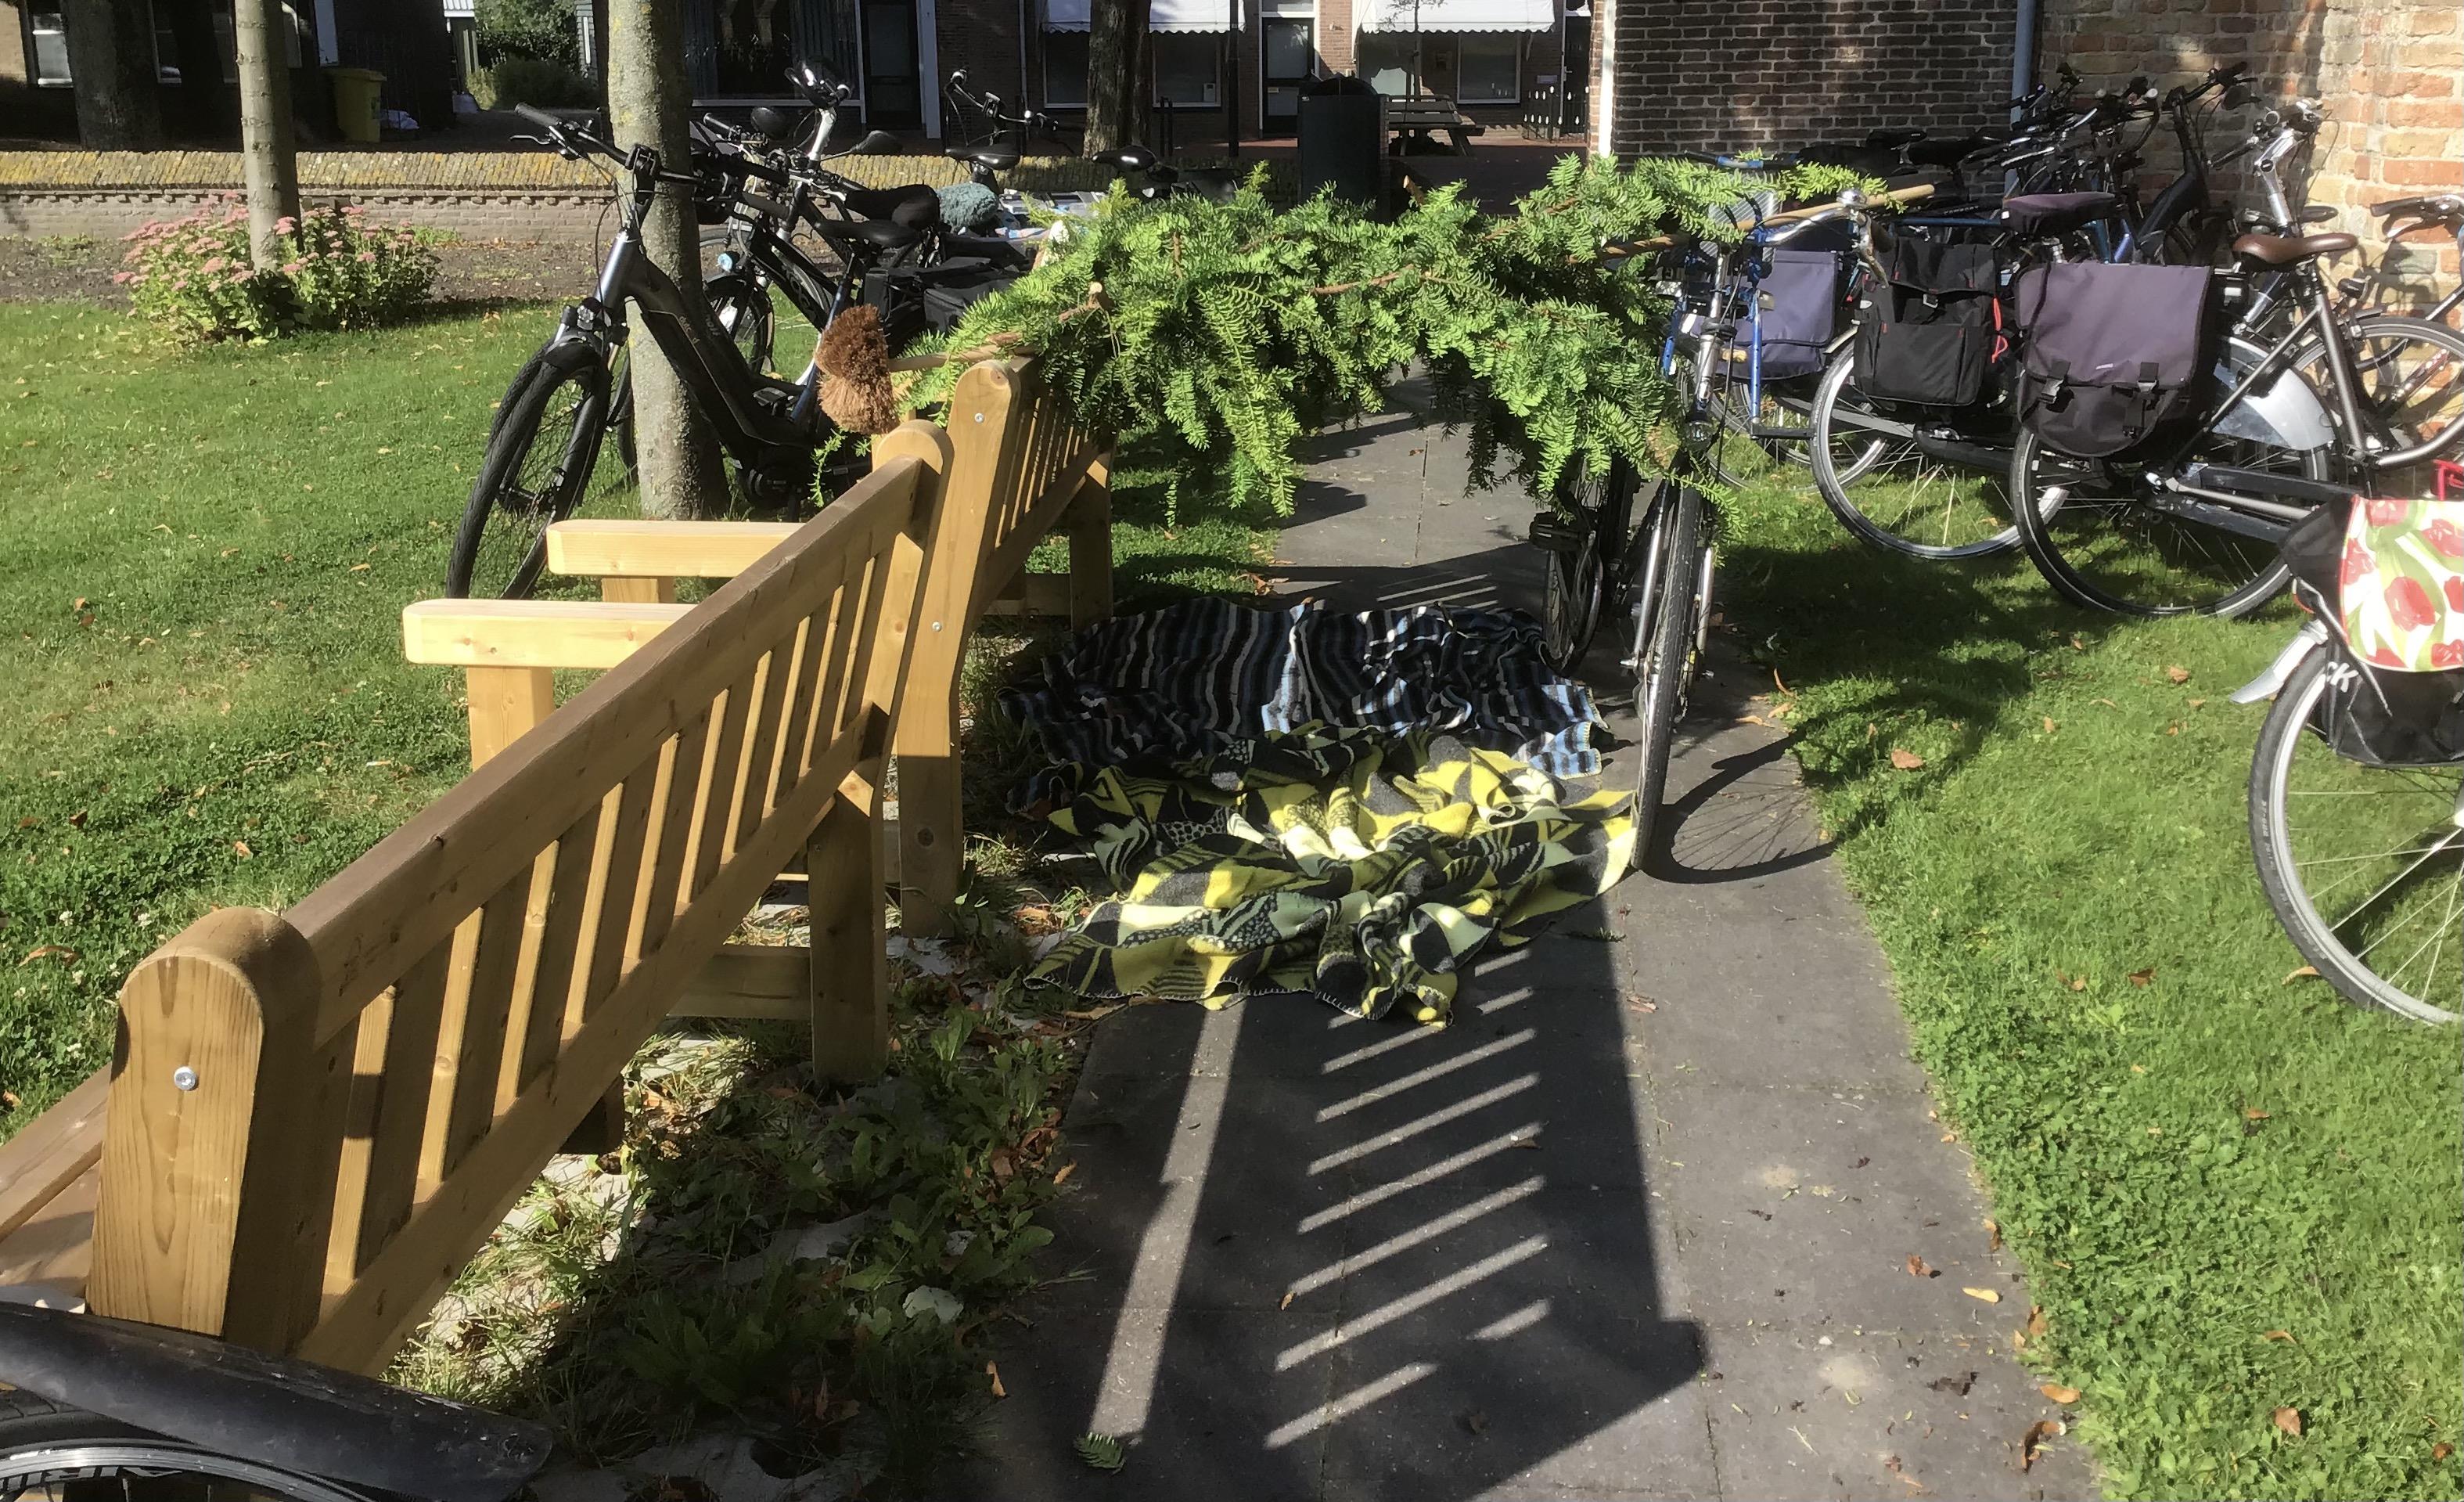 Tussen een bank en fiets liggen takken op een bezem en ragebol